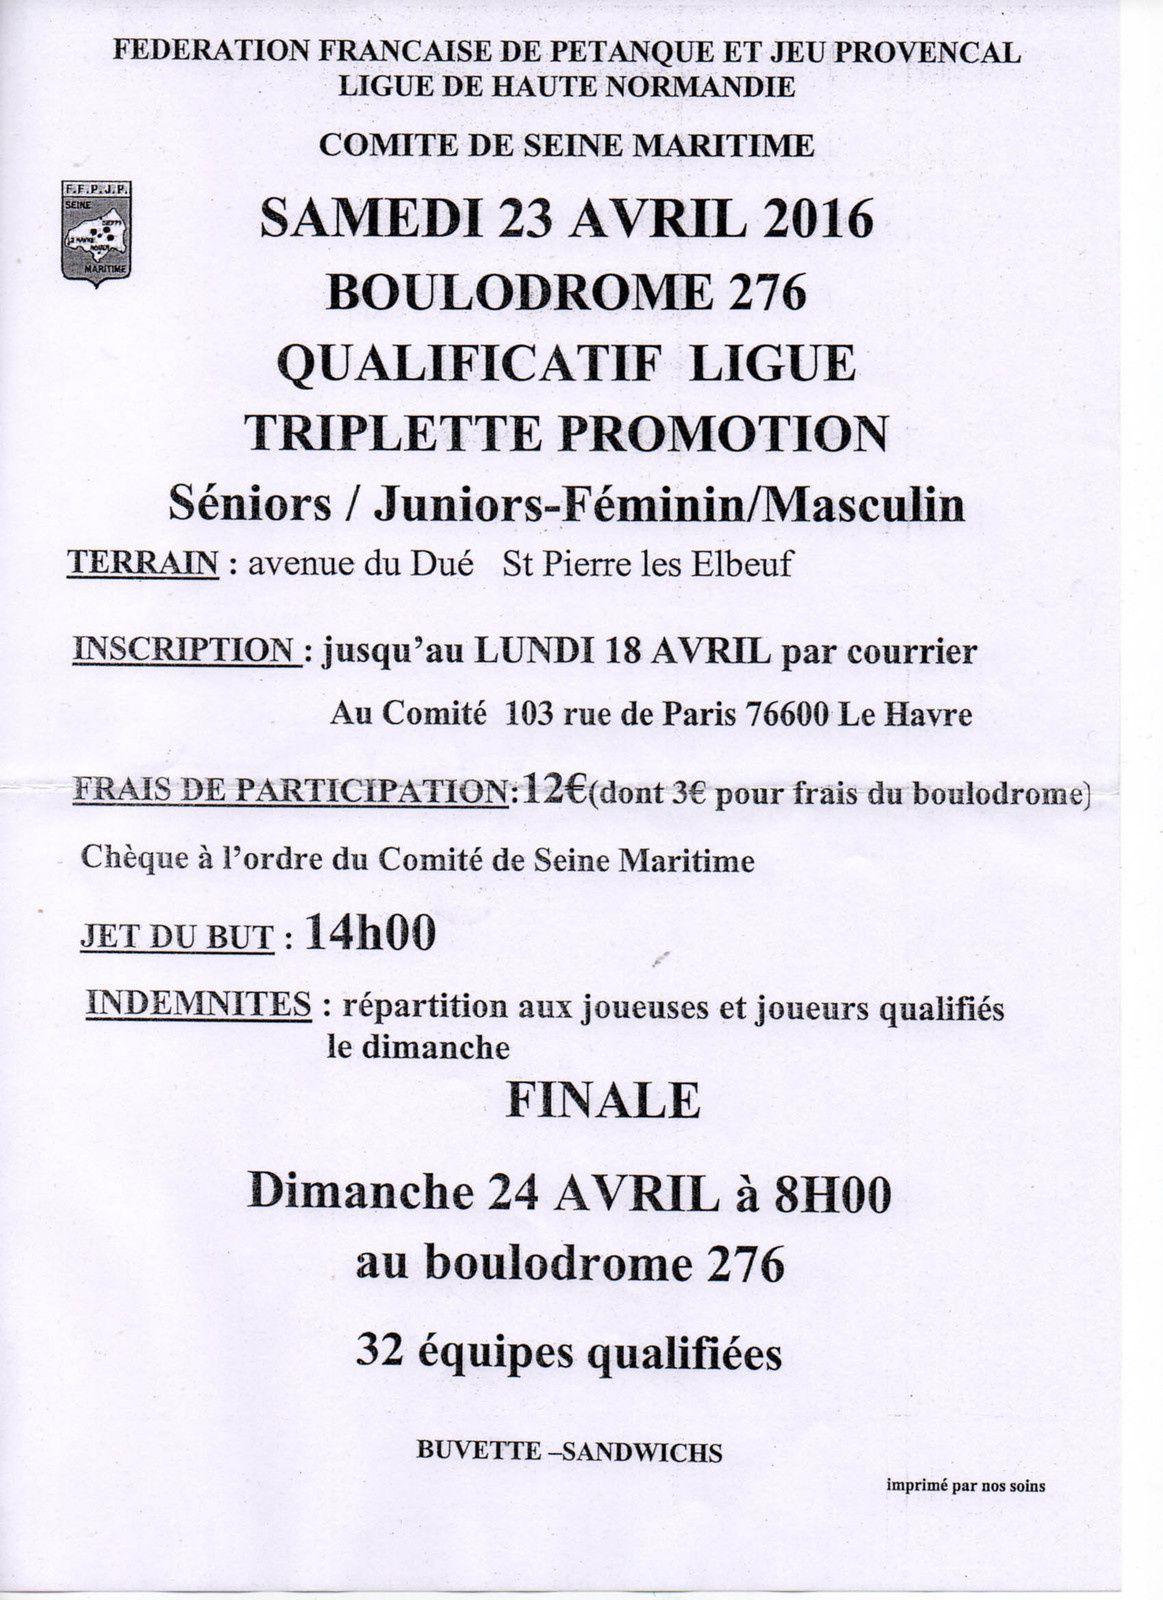 2016-04-23 St Pierre Qualificatif Ligue Triplette Promotion